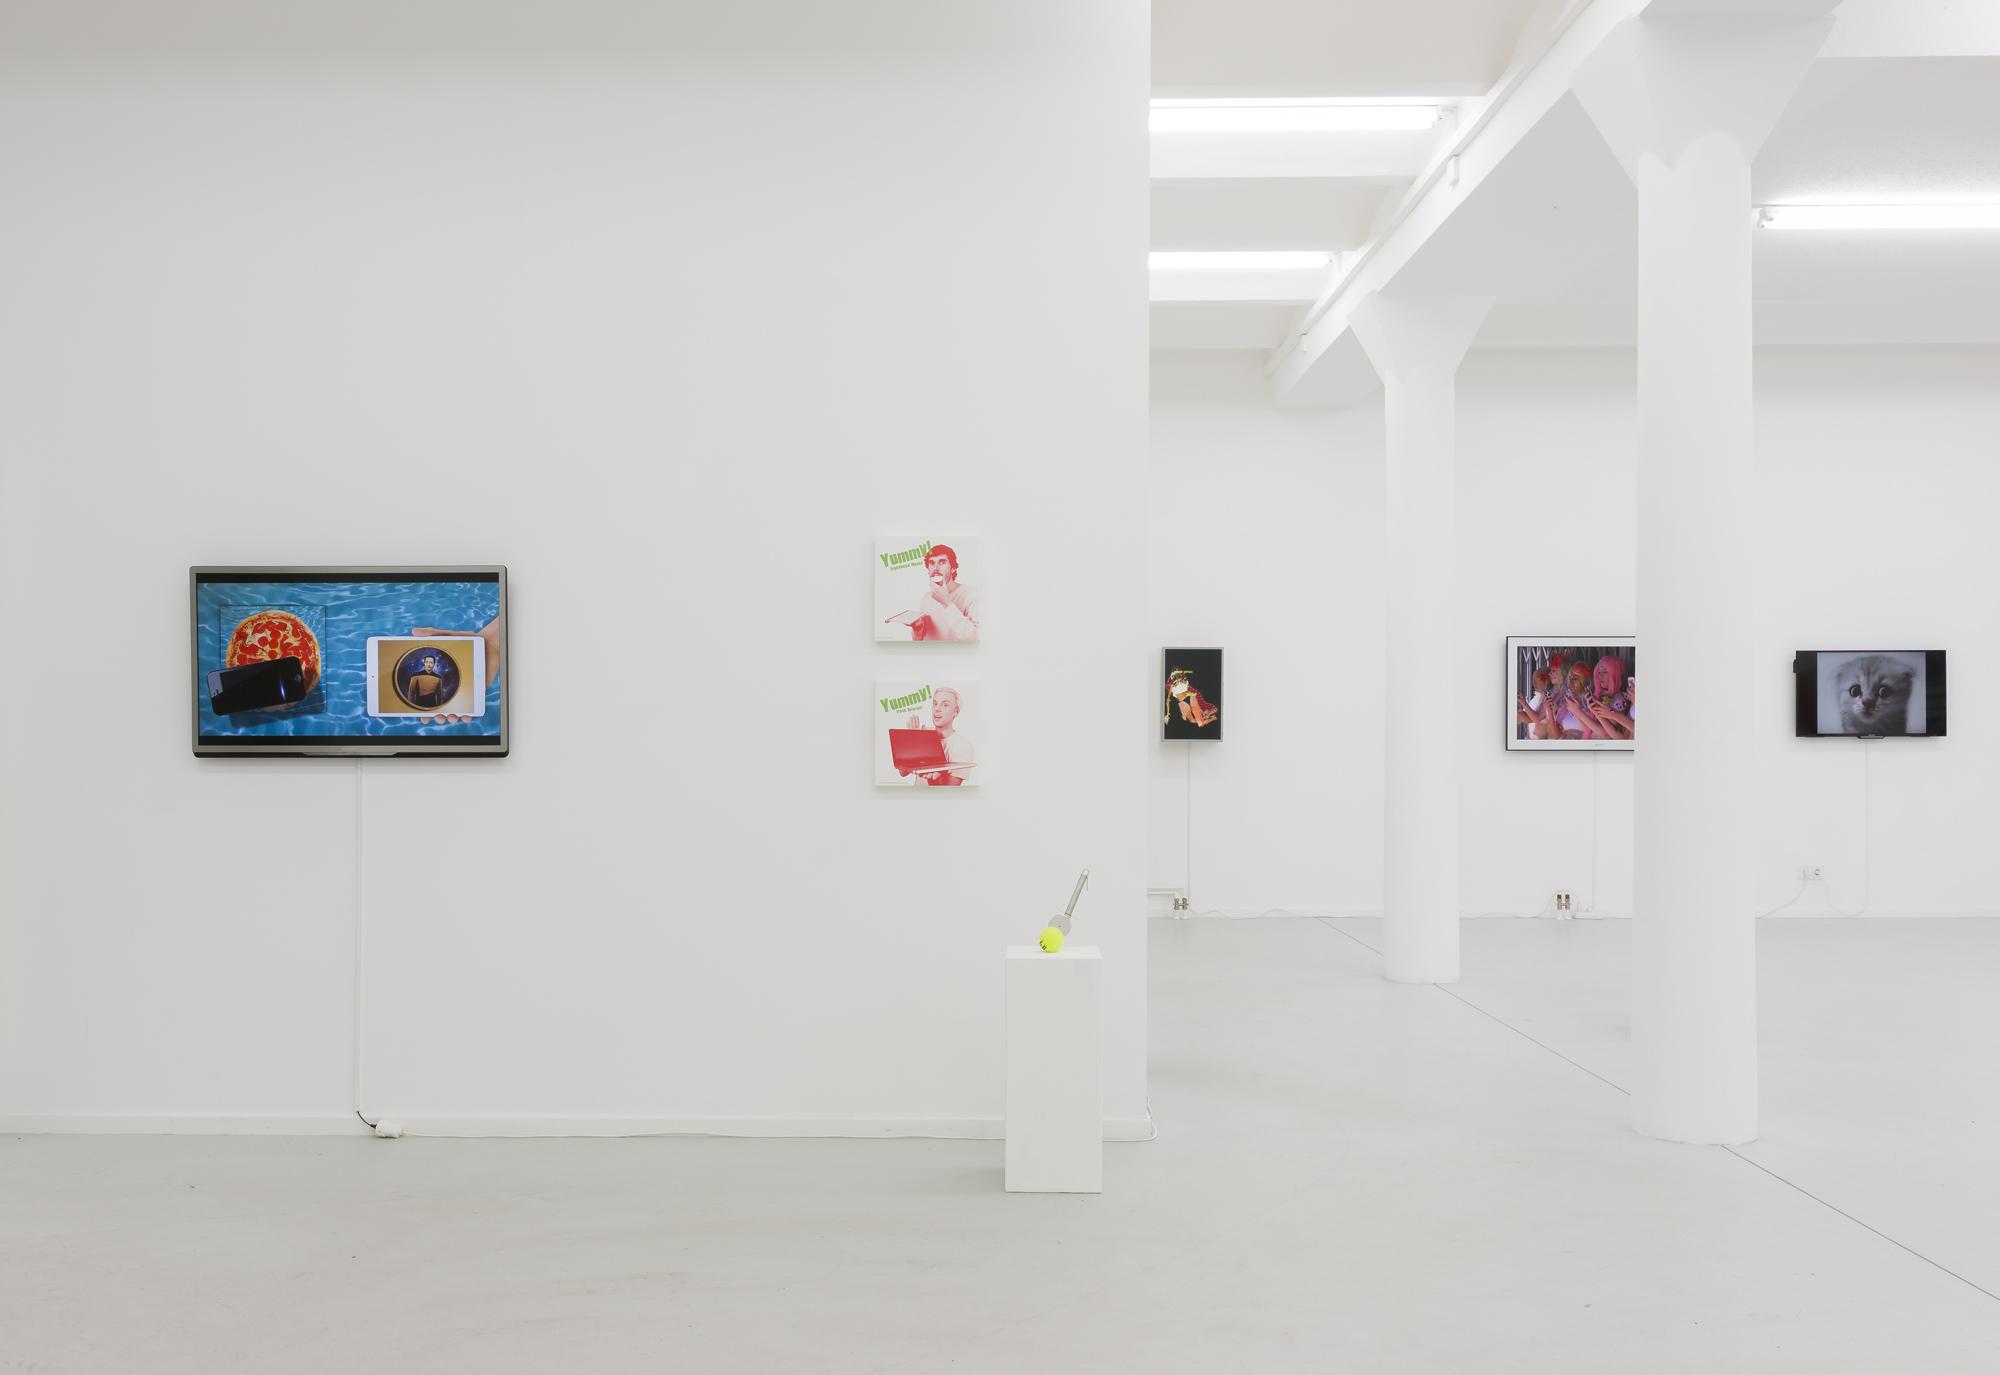 Porn to Pizza, Gruppenausstellung, kuratiert von Tina Sauerländer, 2015, Ausstellungsansicht